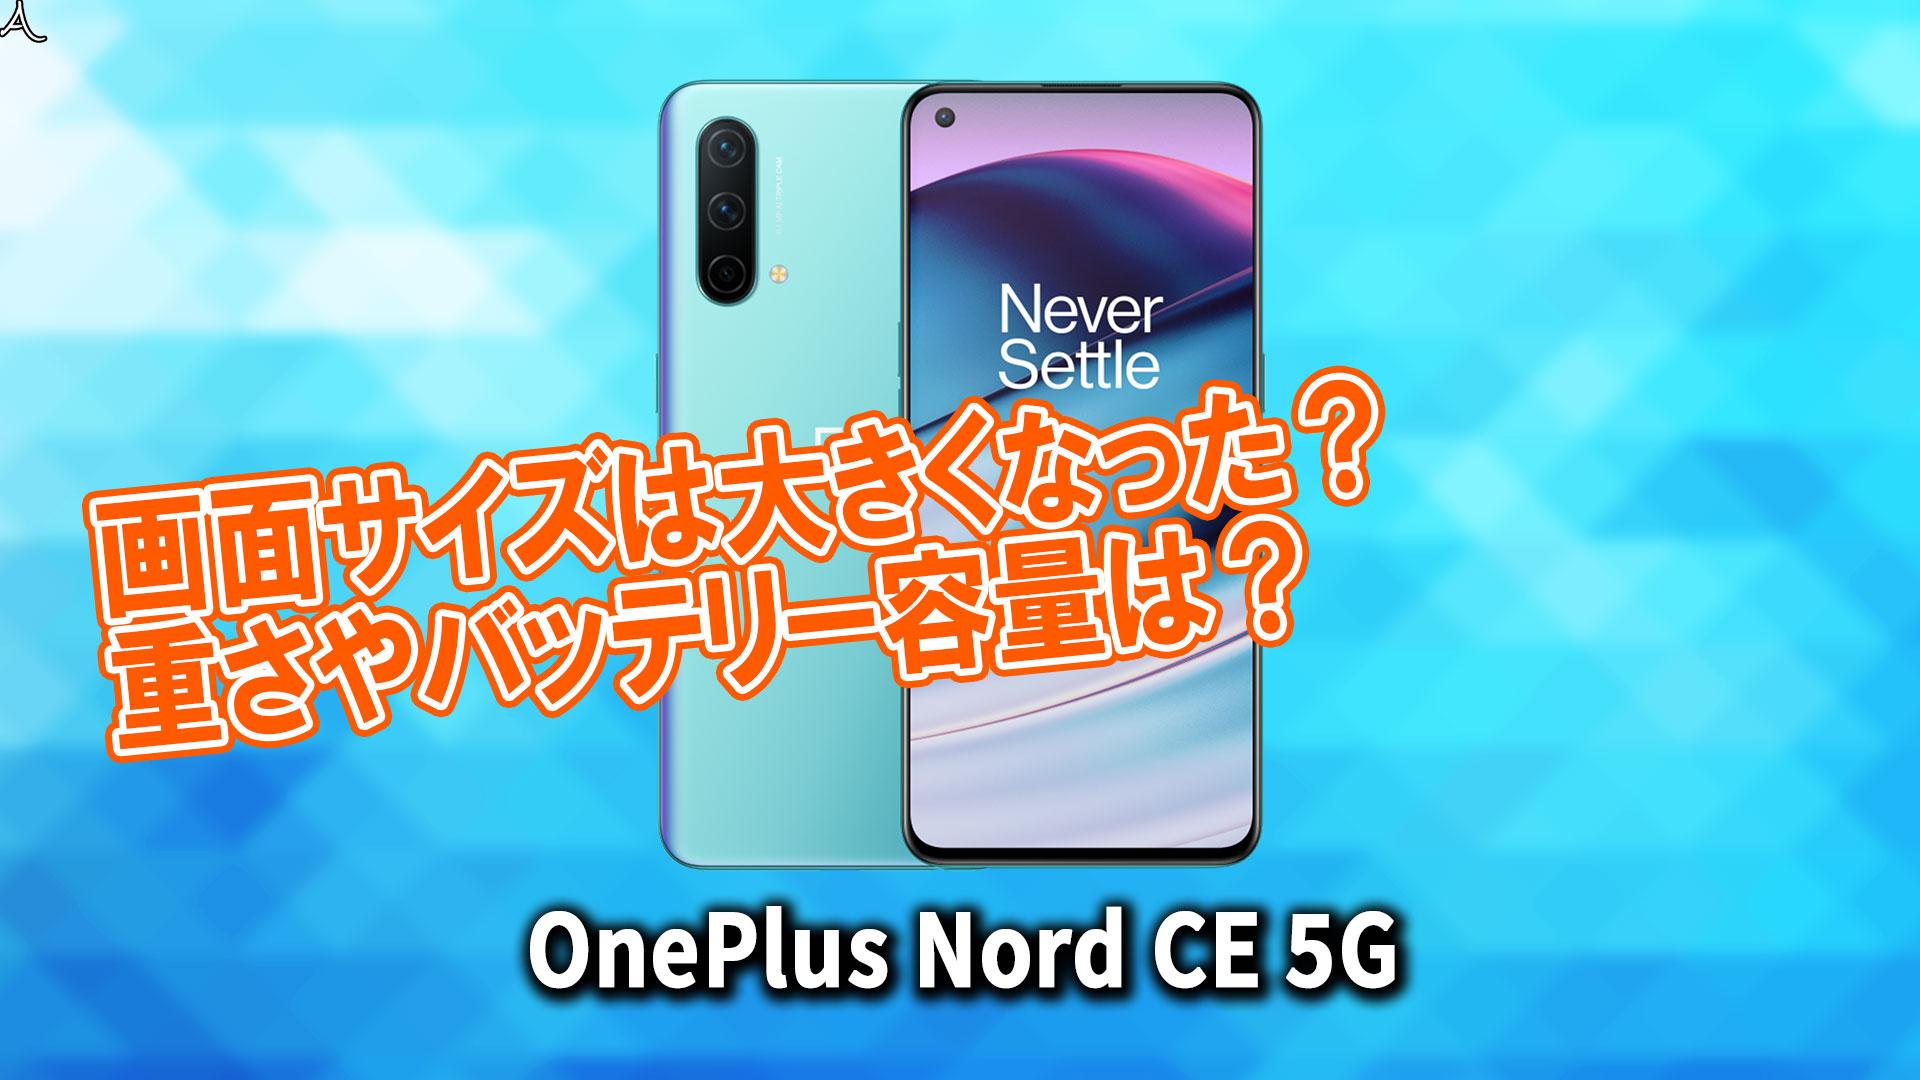 「OnePlus Nord CE 5G」のサイズや重さを他のスマホと細かく比較